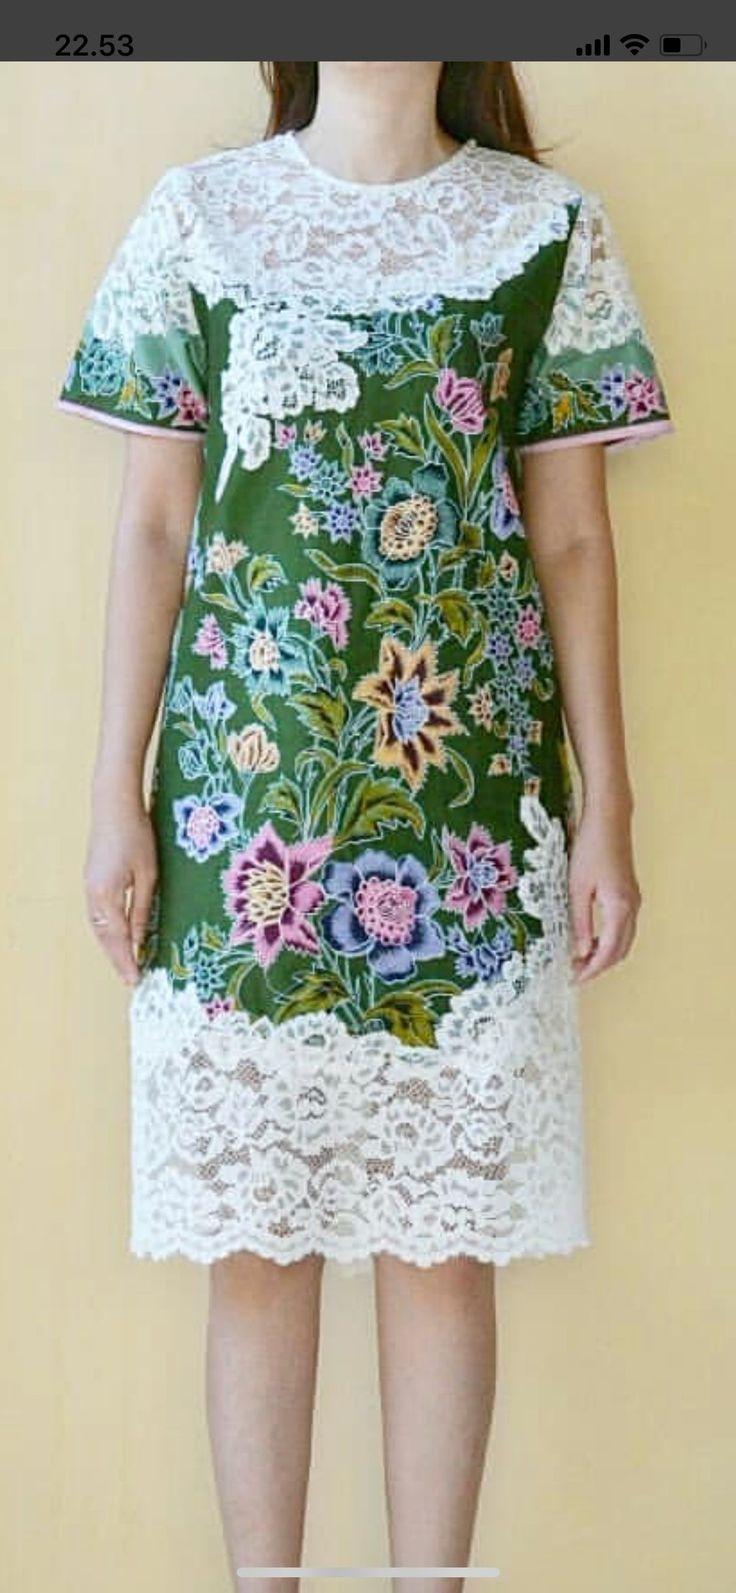 batik pesta | Model baju wanita, Pakaian wanita, Desain blus